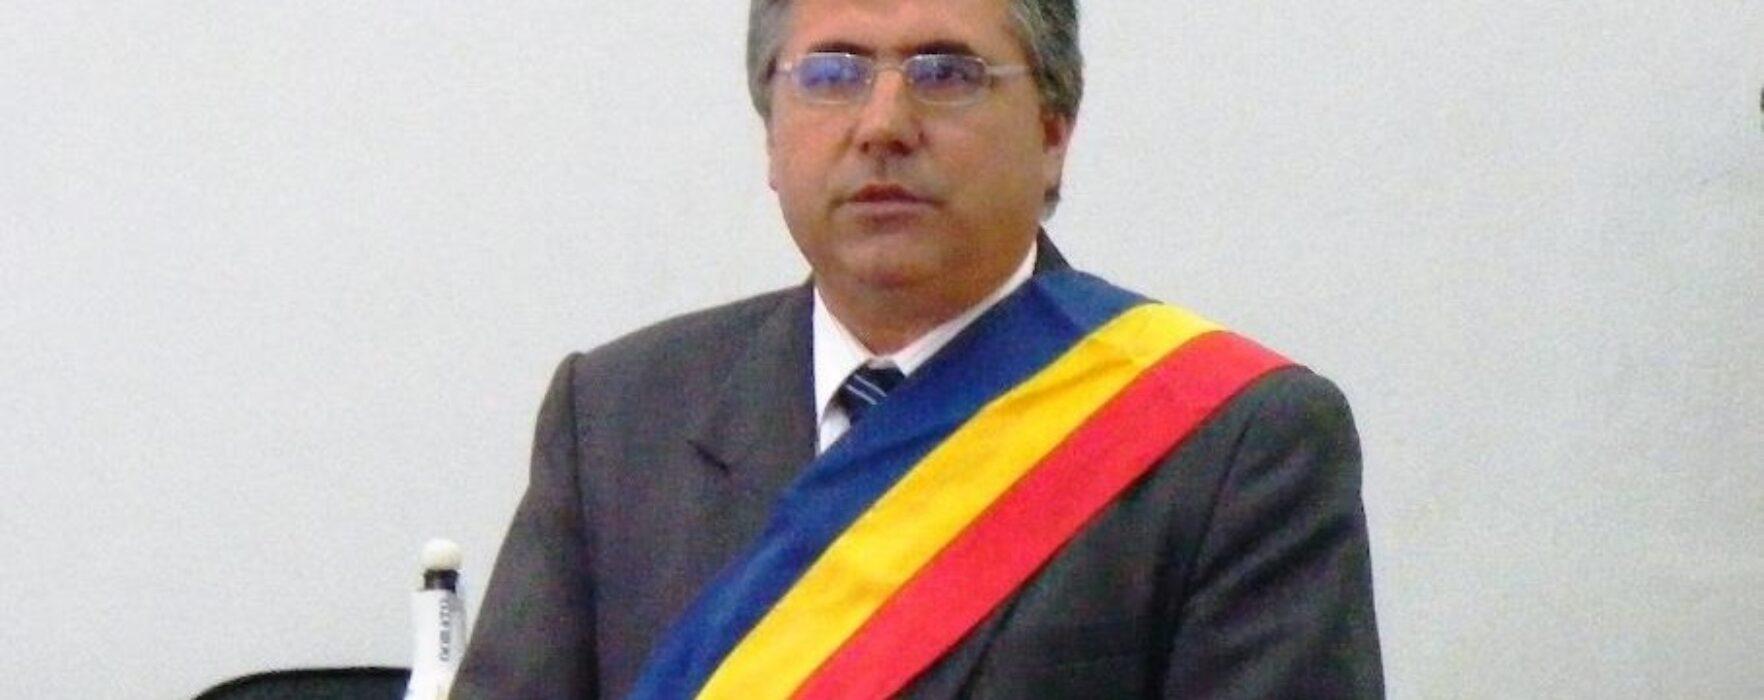 PDL îi cere primarului din Fieni să demisioneze din partid